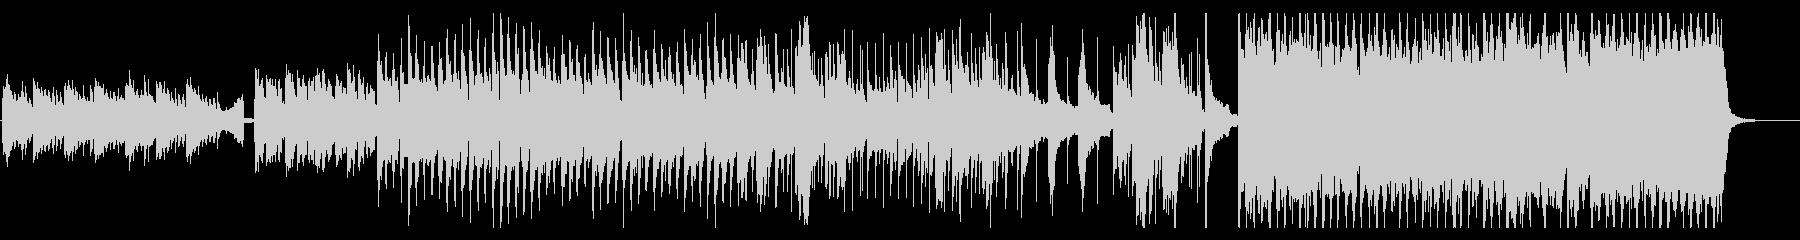 かっこいいシンセとピアノのEDMの未再生の波形